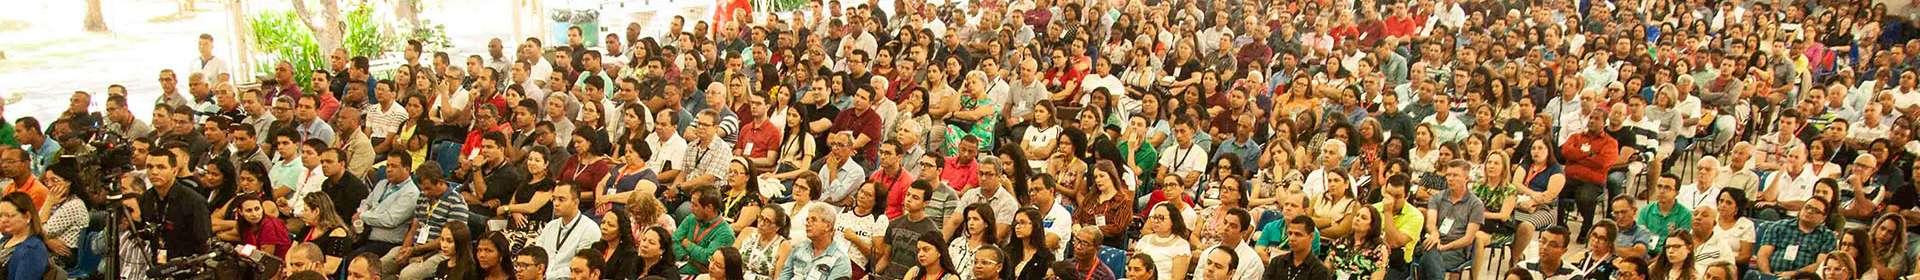 Seminário da Igreja Cristã Maranata em Governador Valadares reúne cerca de 1.400 pessoas